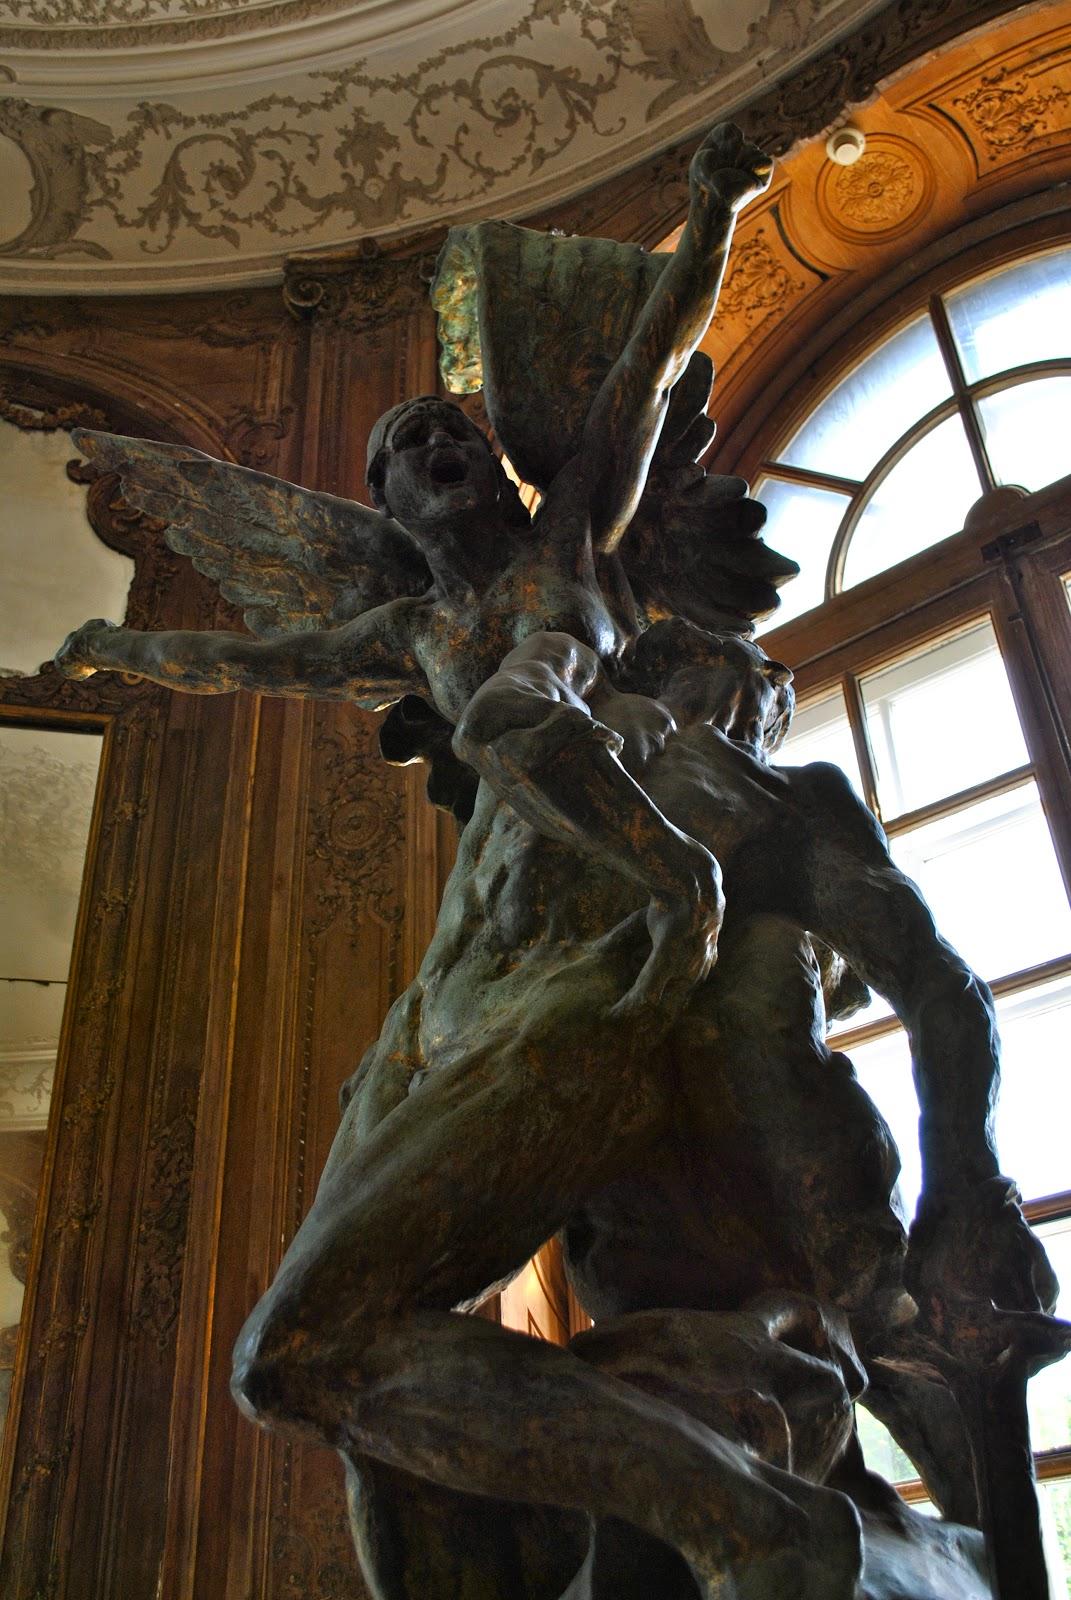 Noscere Audere Velle Tascere Ire: The Rodin Mythology